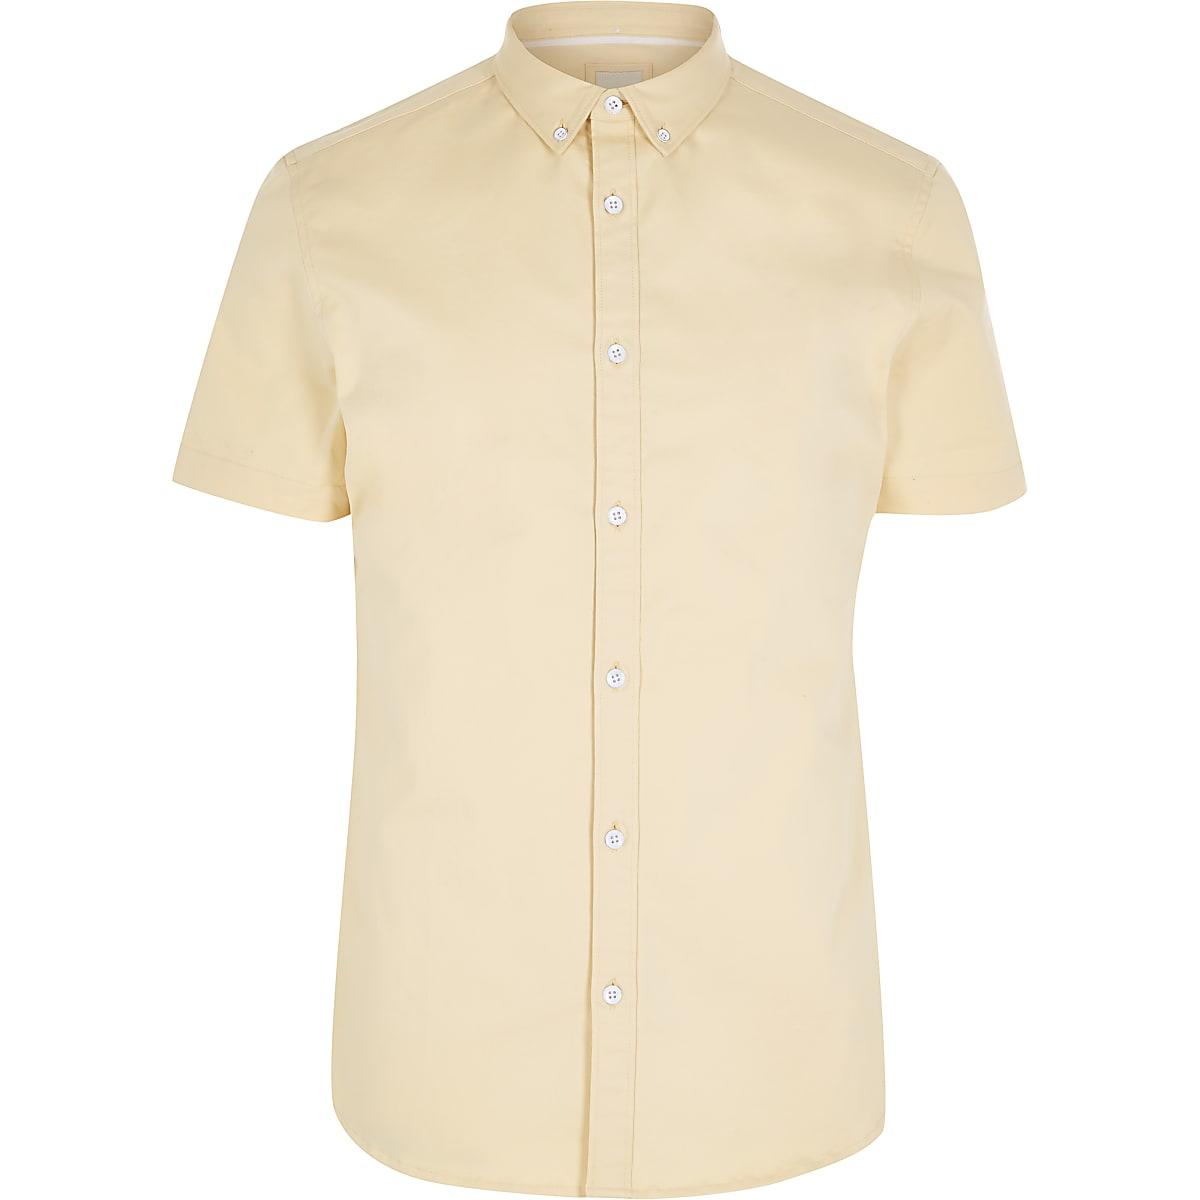 Geel Overhemd Heren.Geel Overhemd Met Korte Mouwen Van Keperstof Overhemden Met Korte